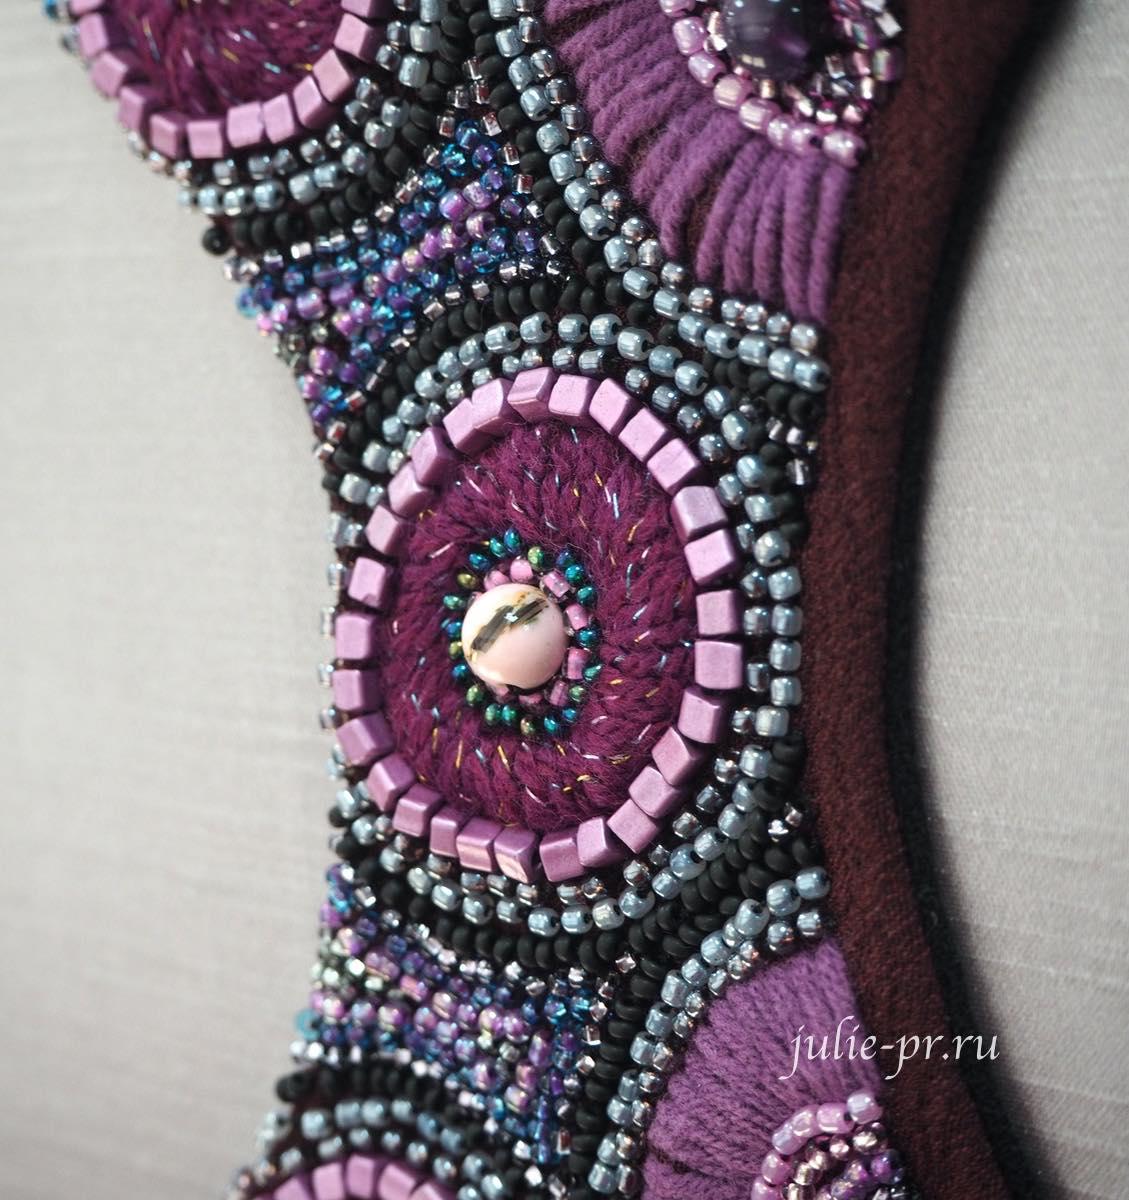 Вышивка бисером и агатом, бижутерия с вышивкой